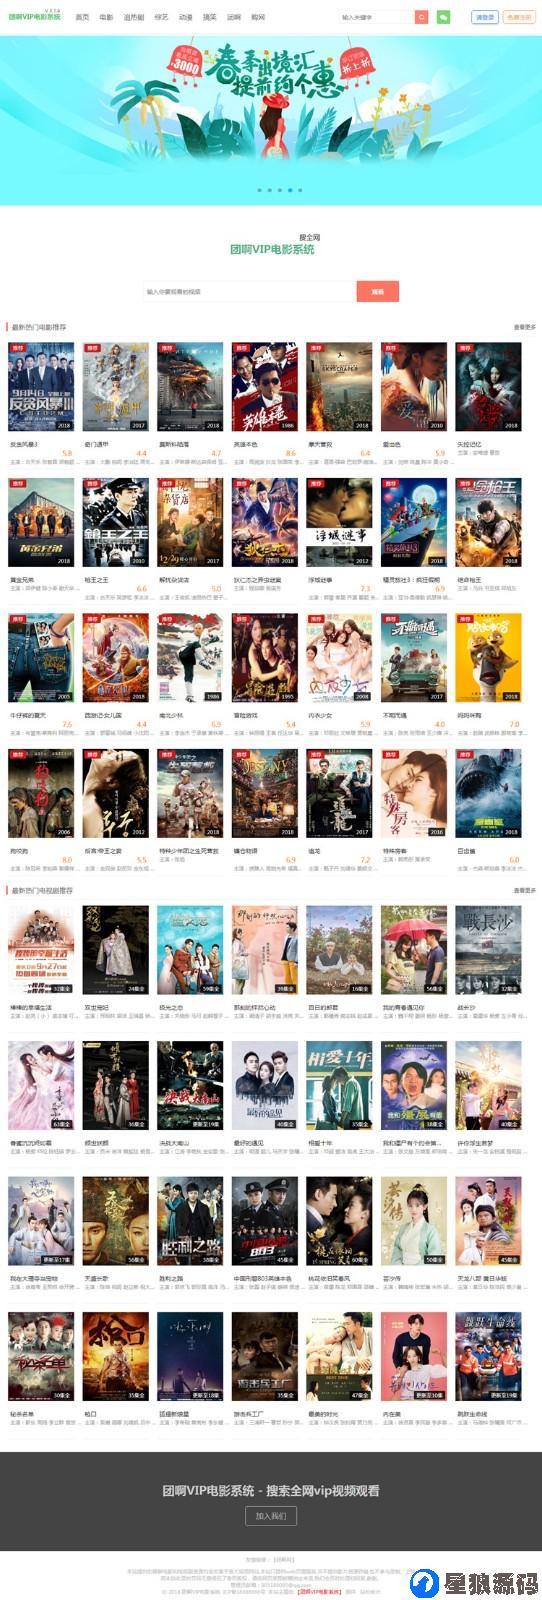 团啊VIP电影视频网站源码v3.7.8影视系统源码 第1张